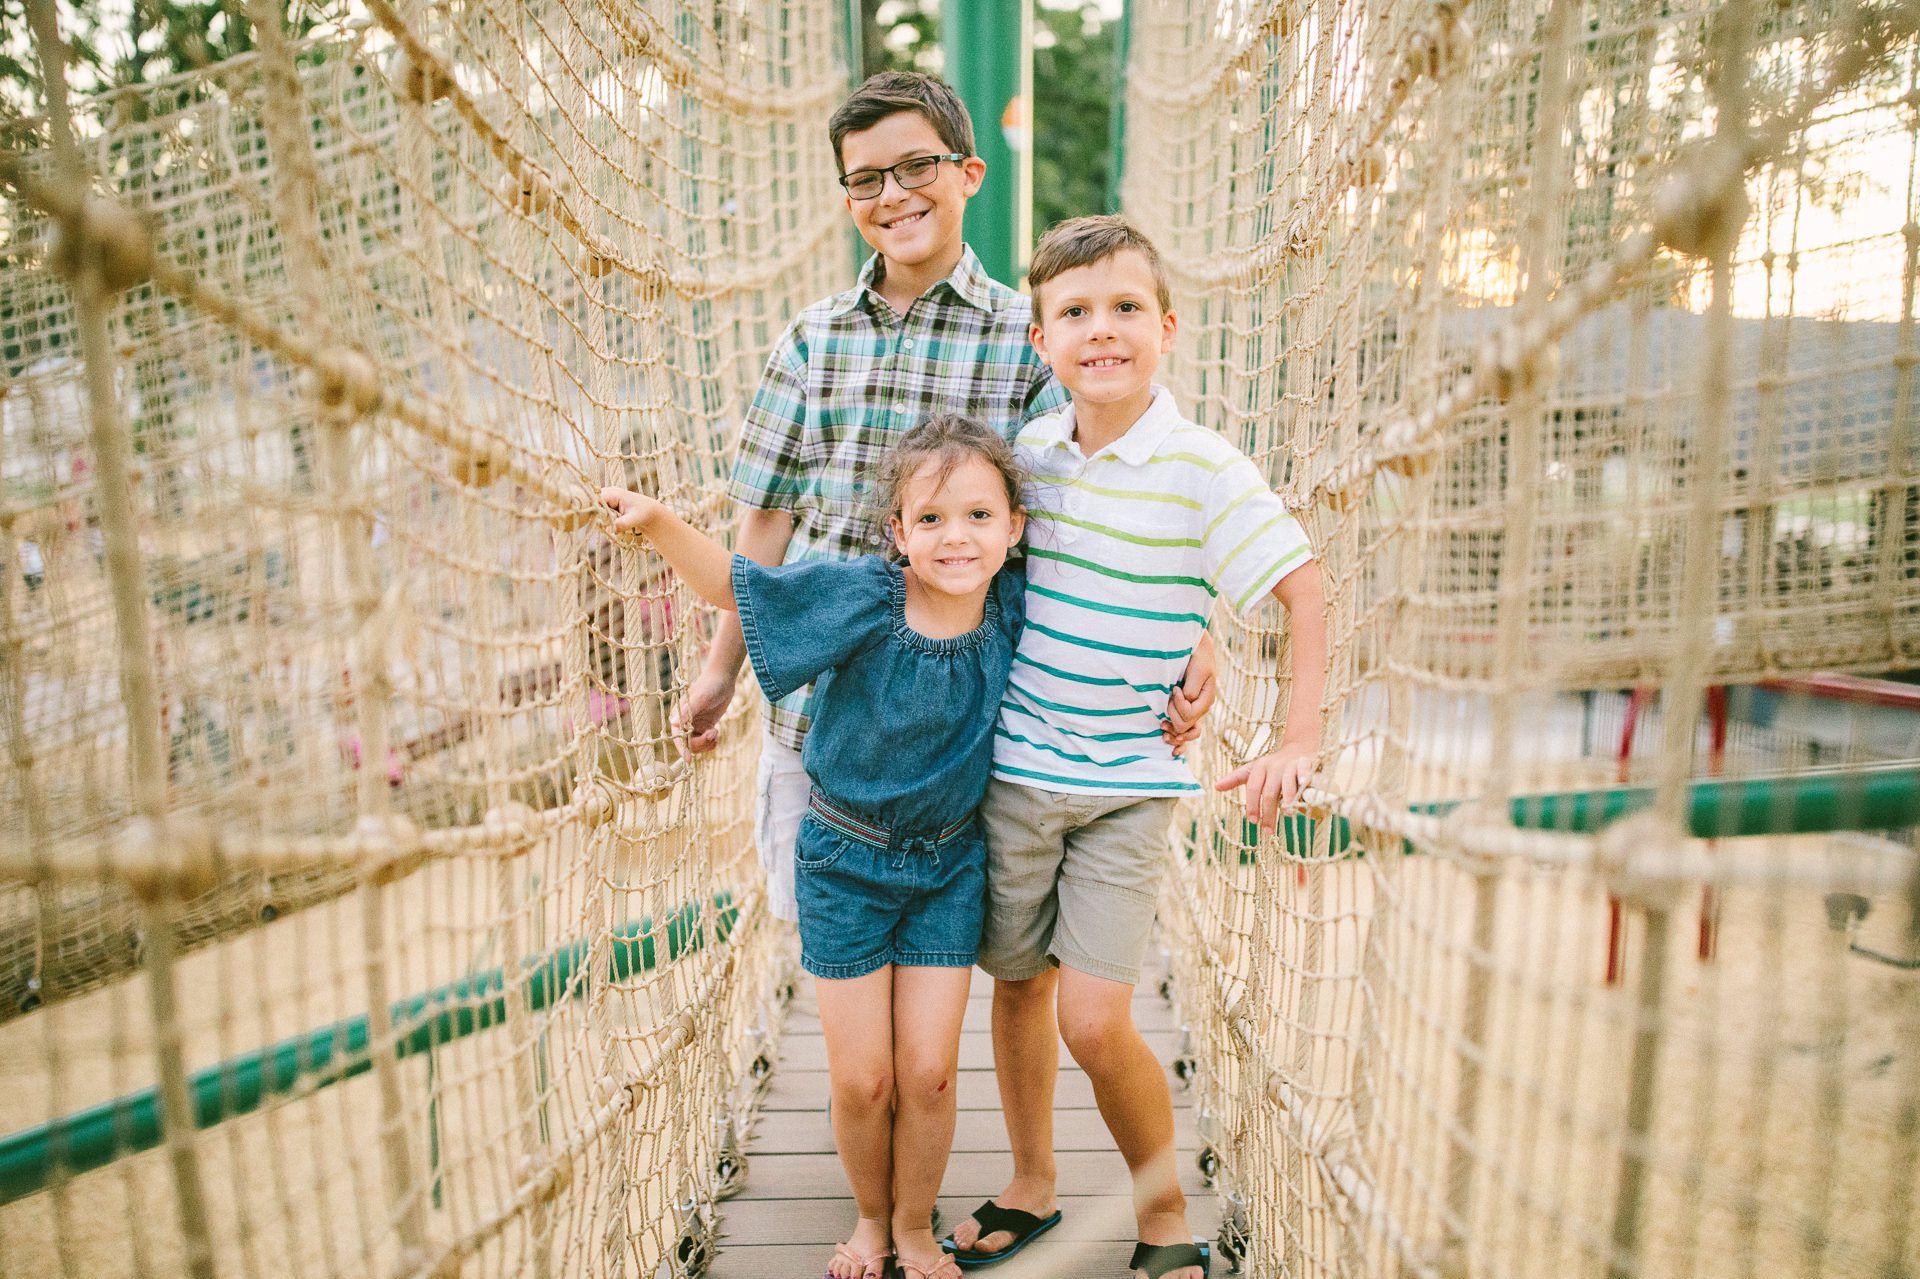 Lakewood Ohio Lifestyle Family Photographer 28.jpg